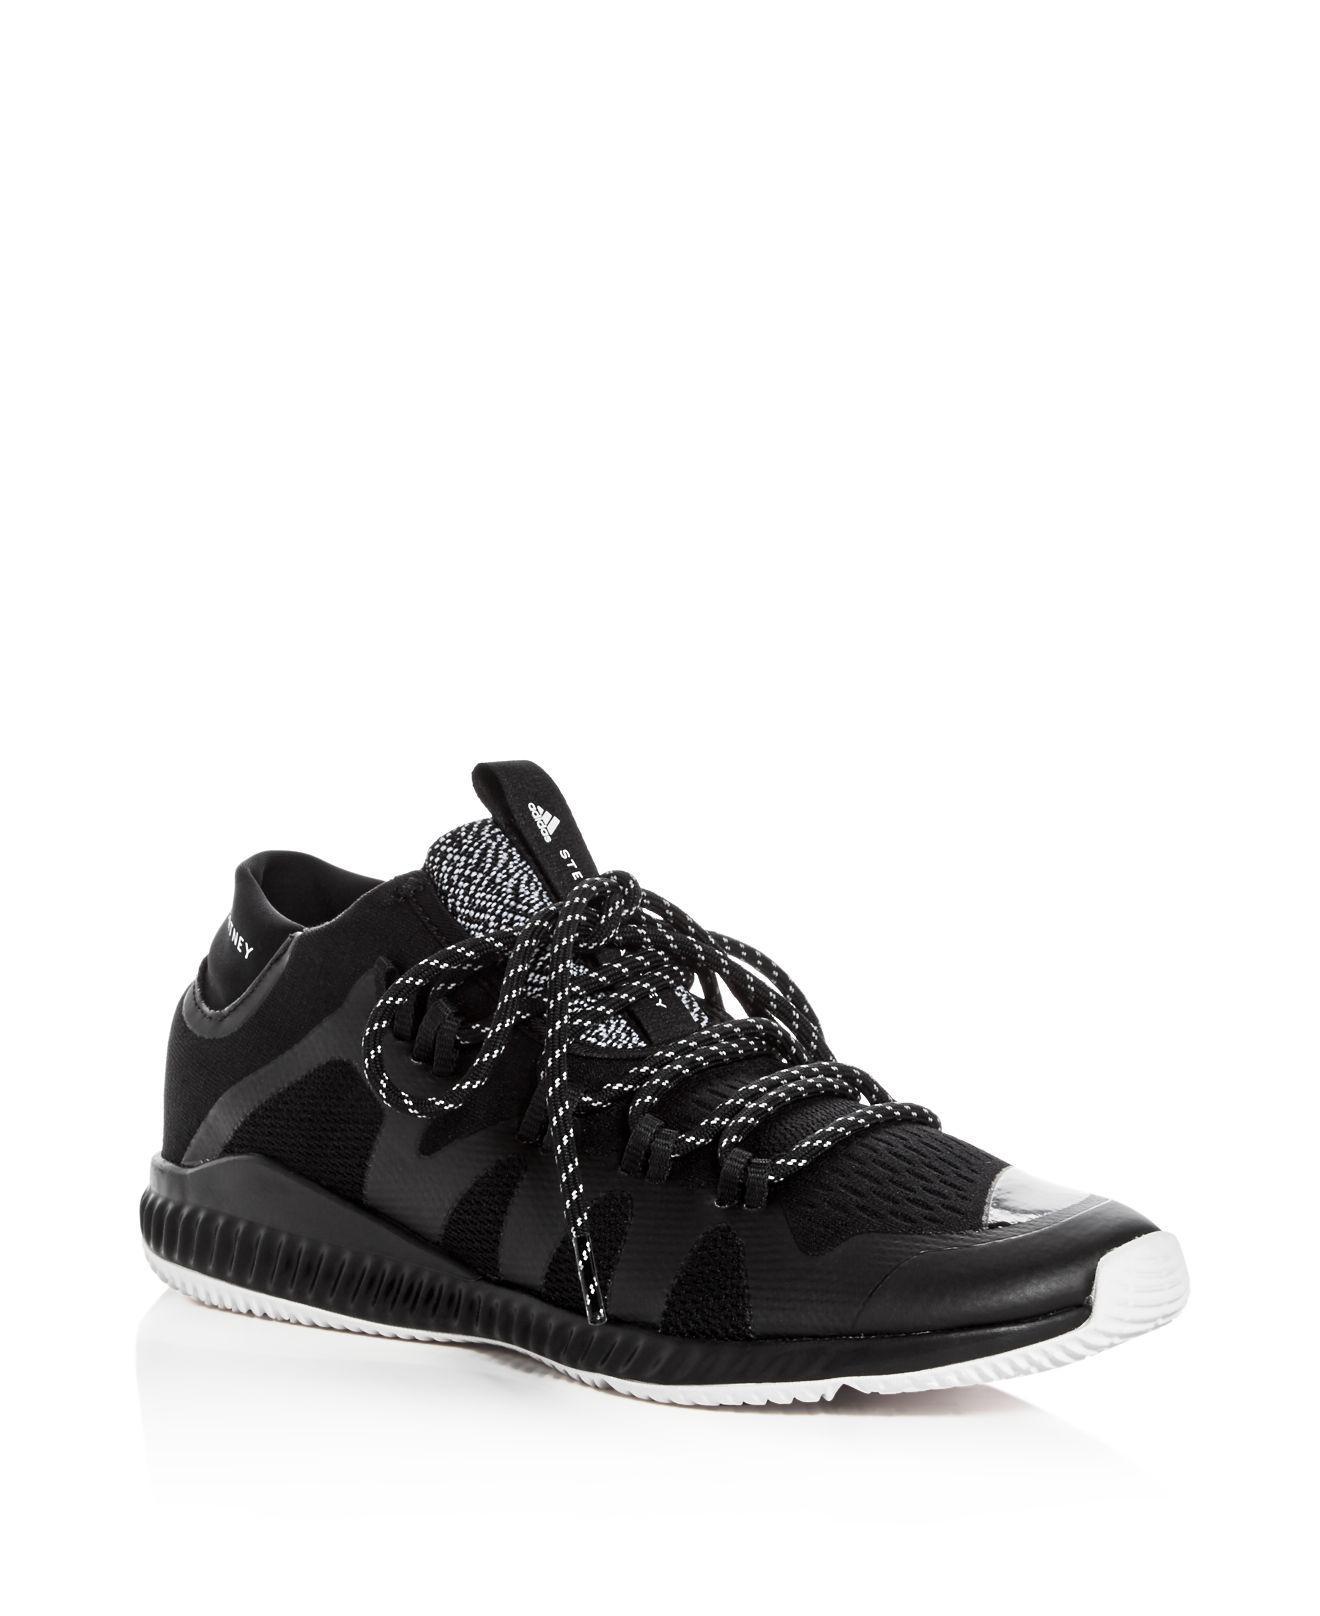 adidas Women's Crazytrain Pro Mid Top Sneakers